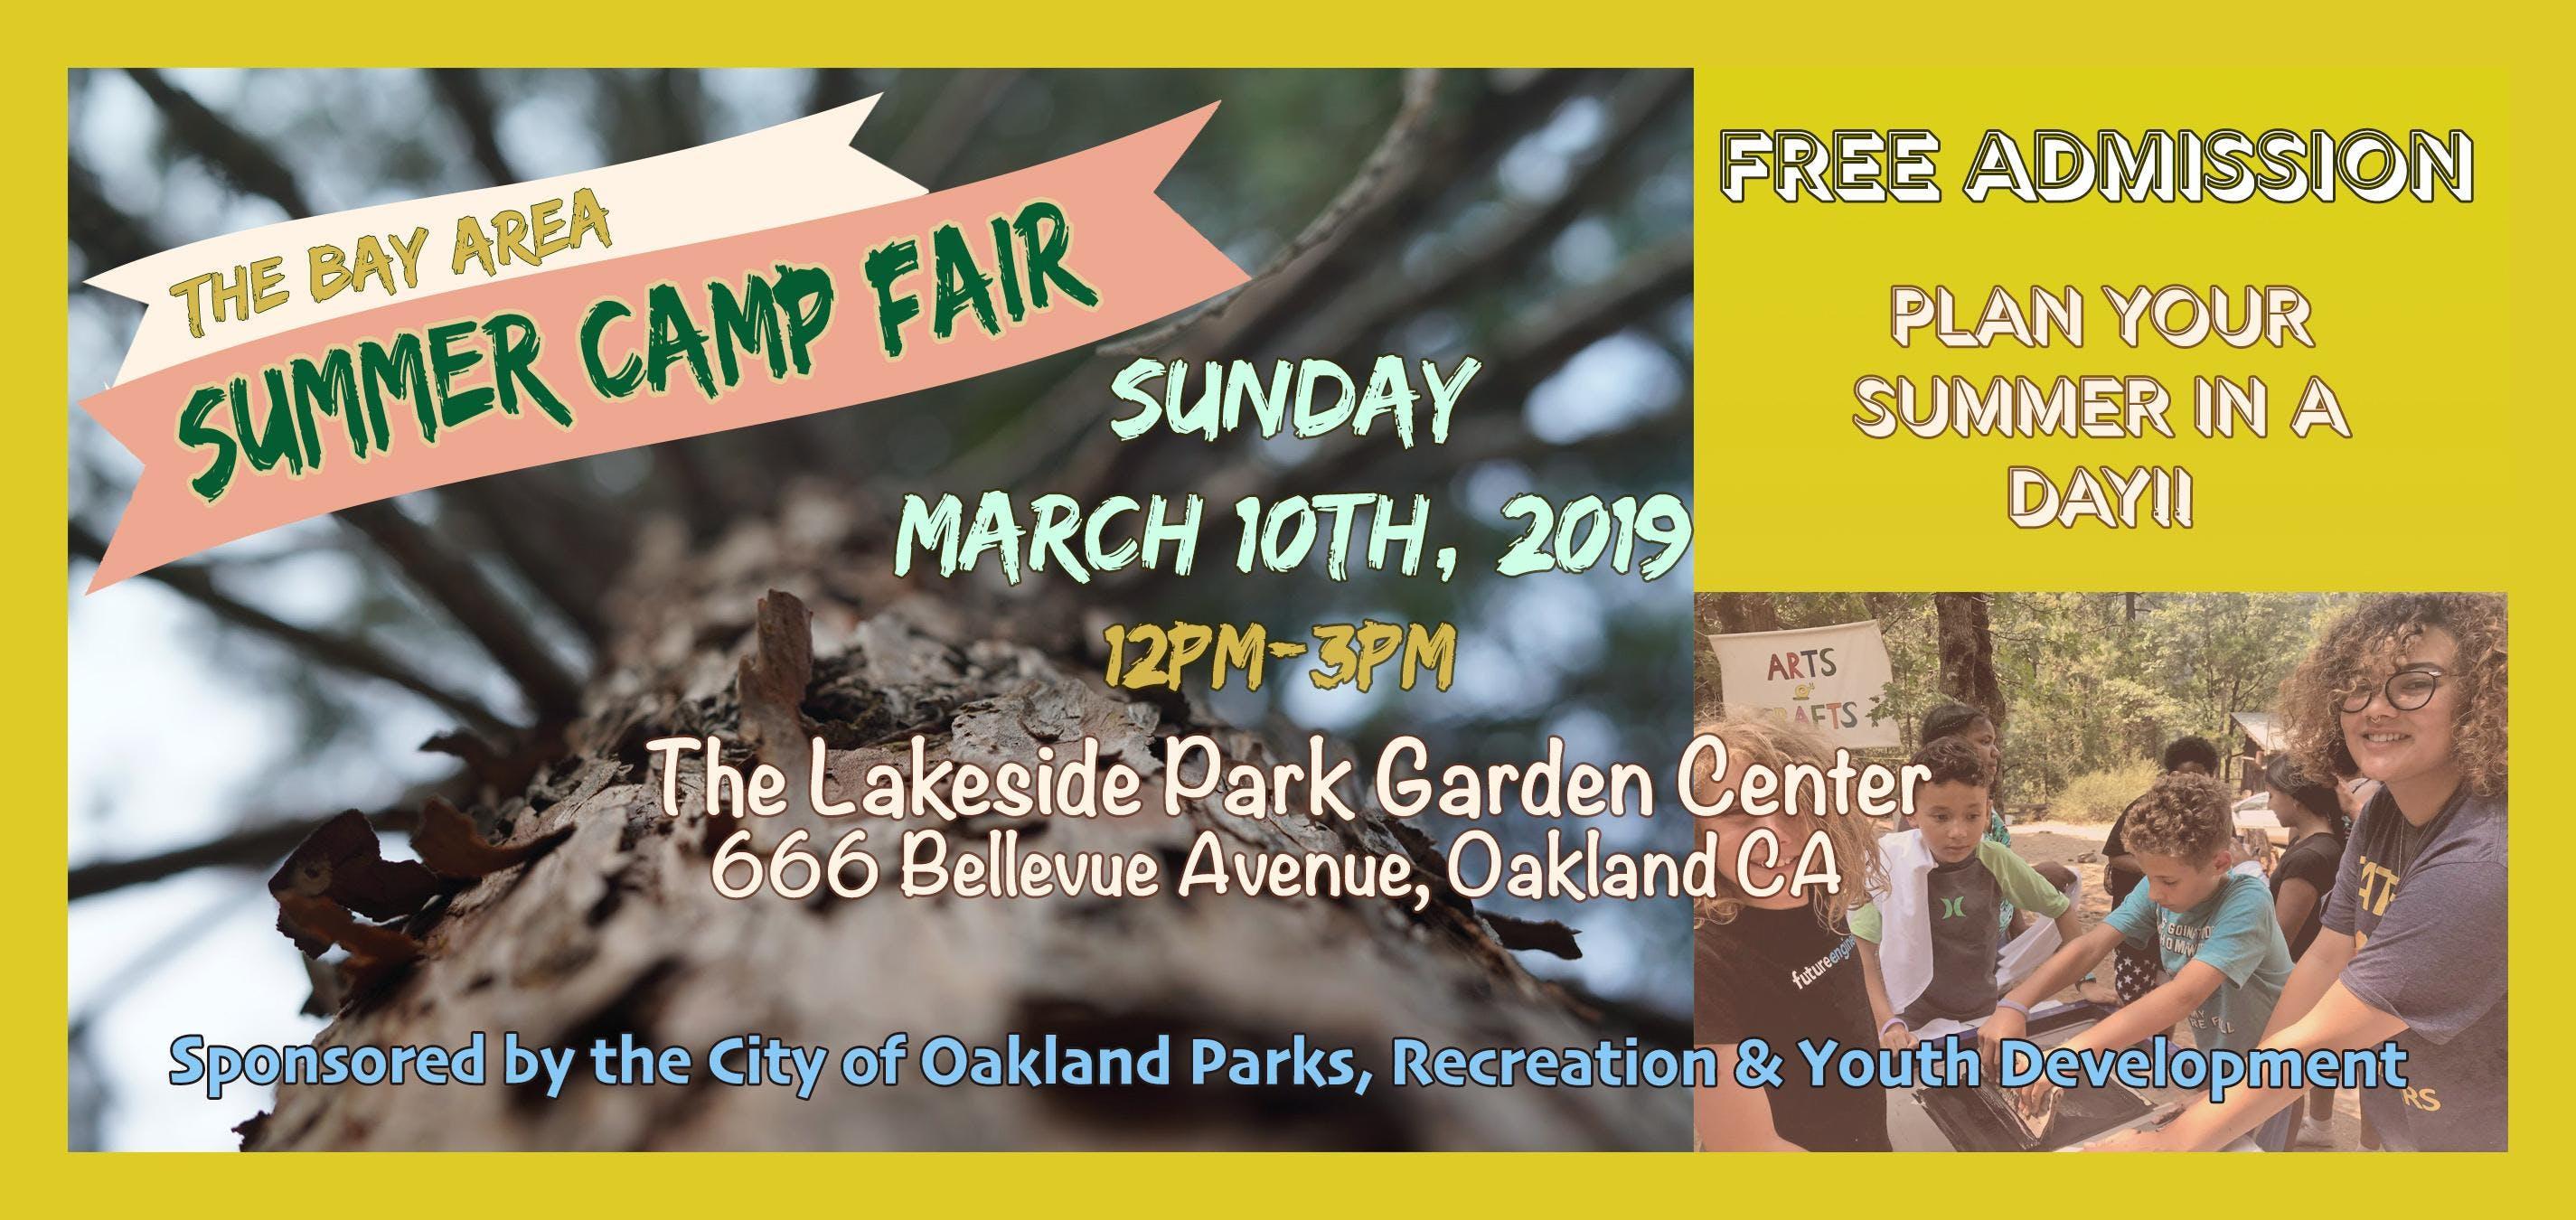 The Bay Area Summer Camp Fair 2019